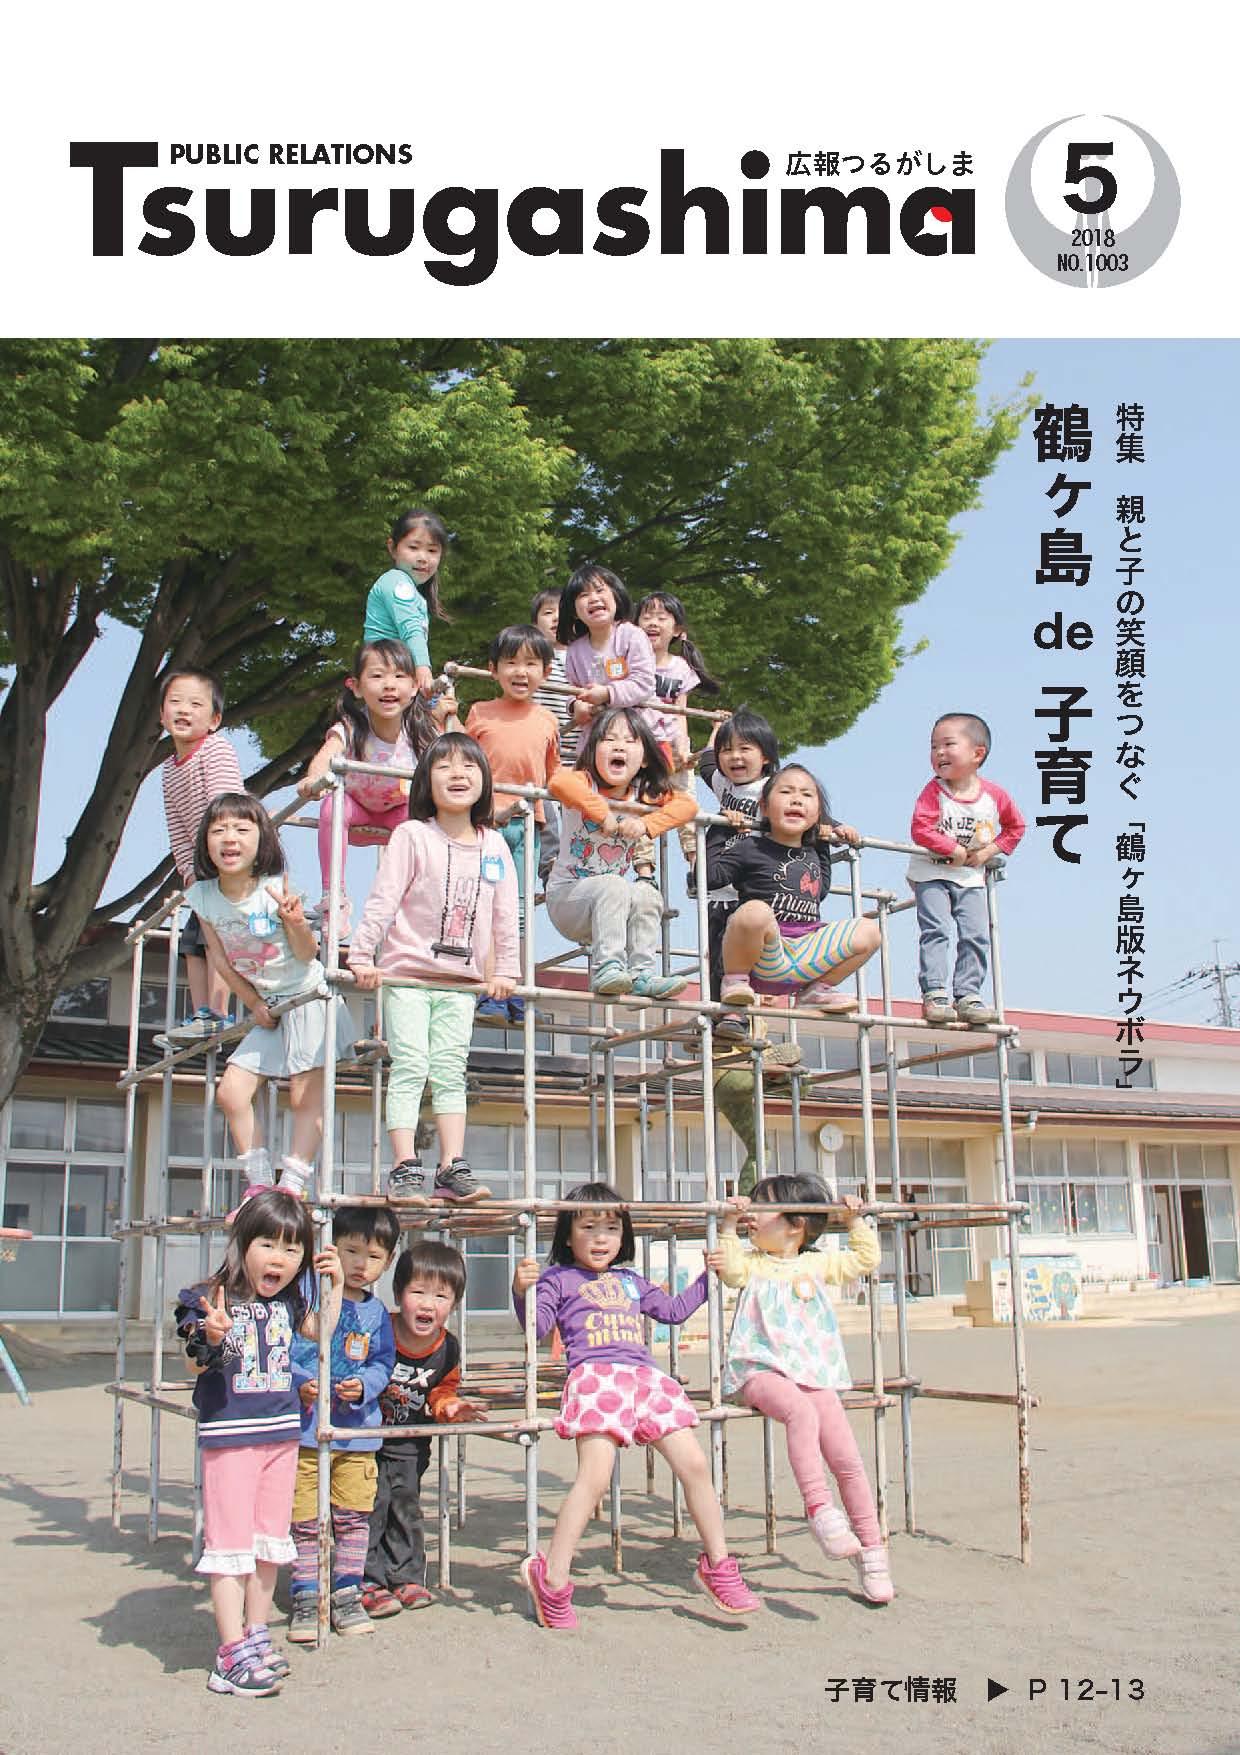 『『『平成30年5月号表紙』の画像』の画像』の画像